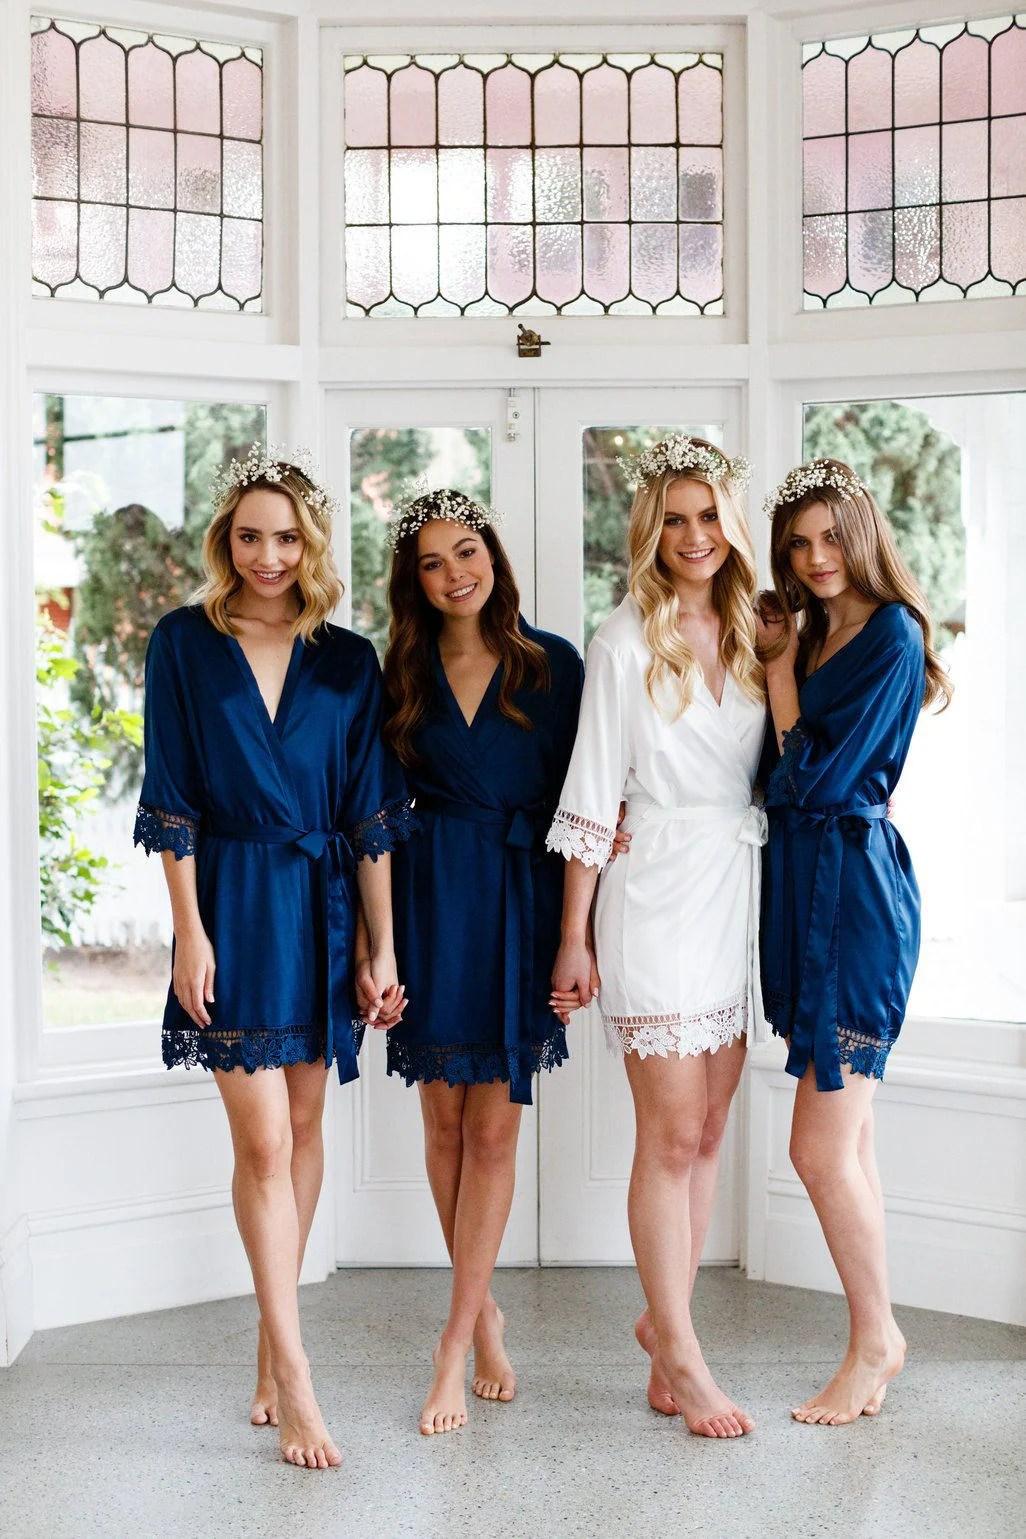 Lace Bridal Robe // Bridesmaid Robes // Robe // Bridal Robe // Navy